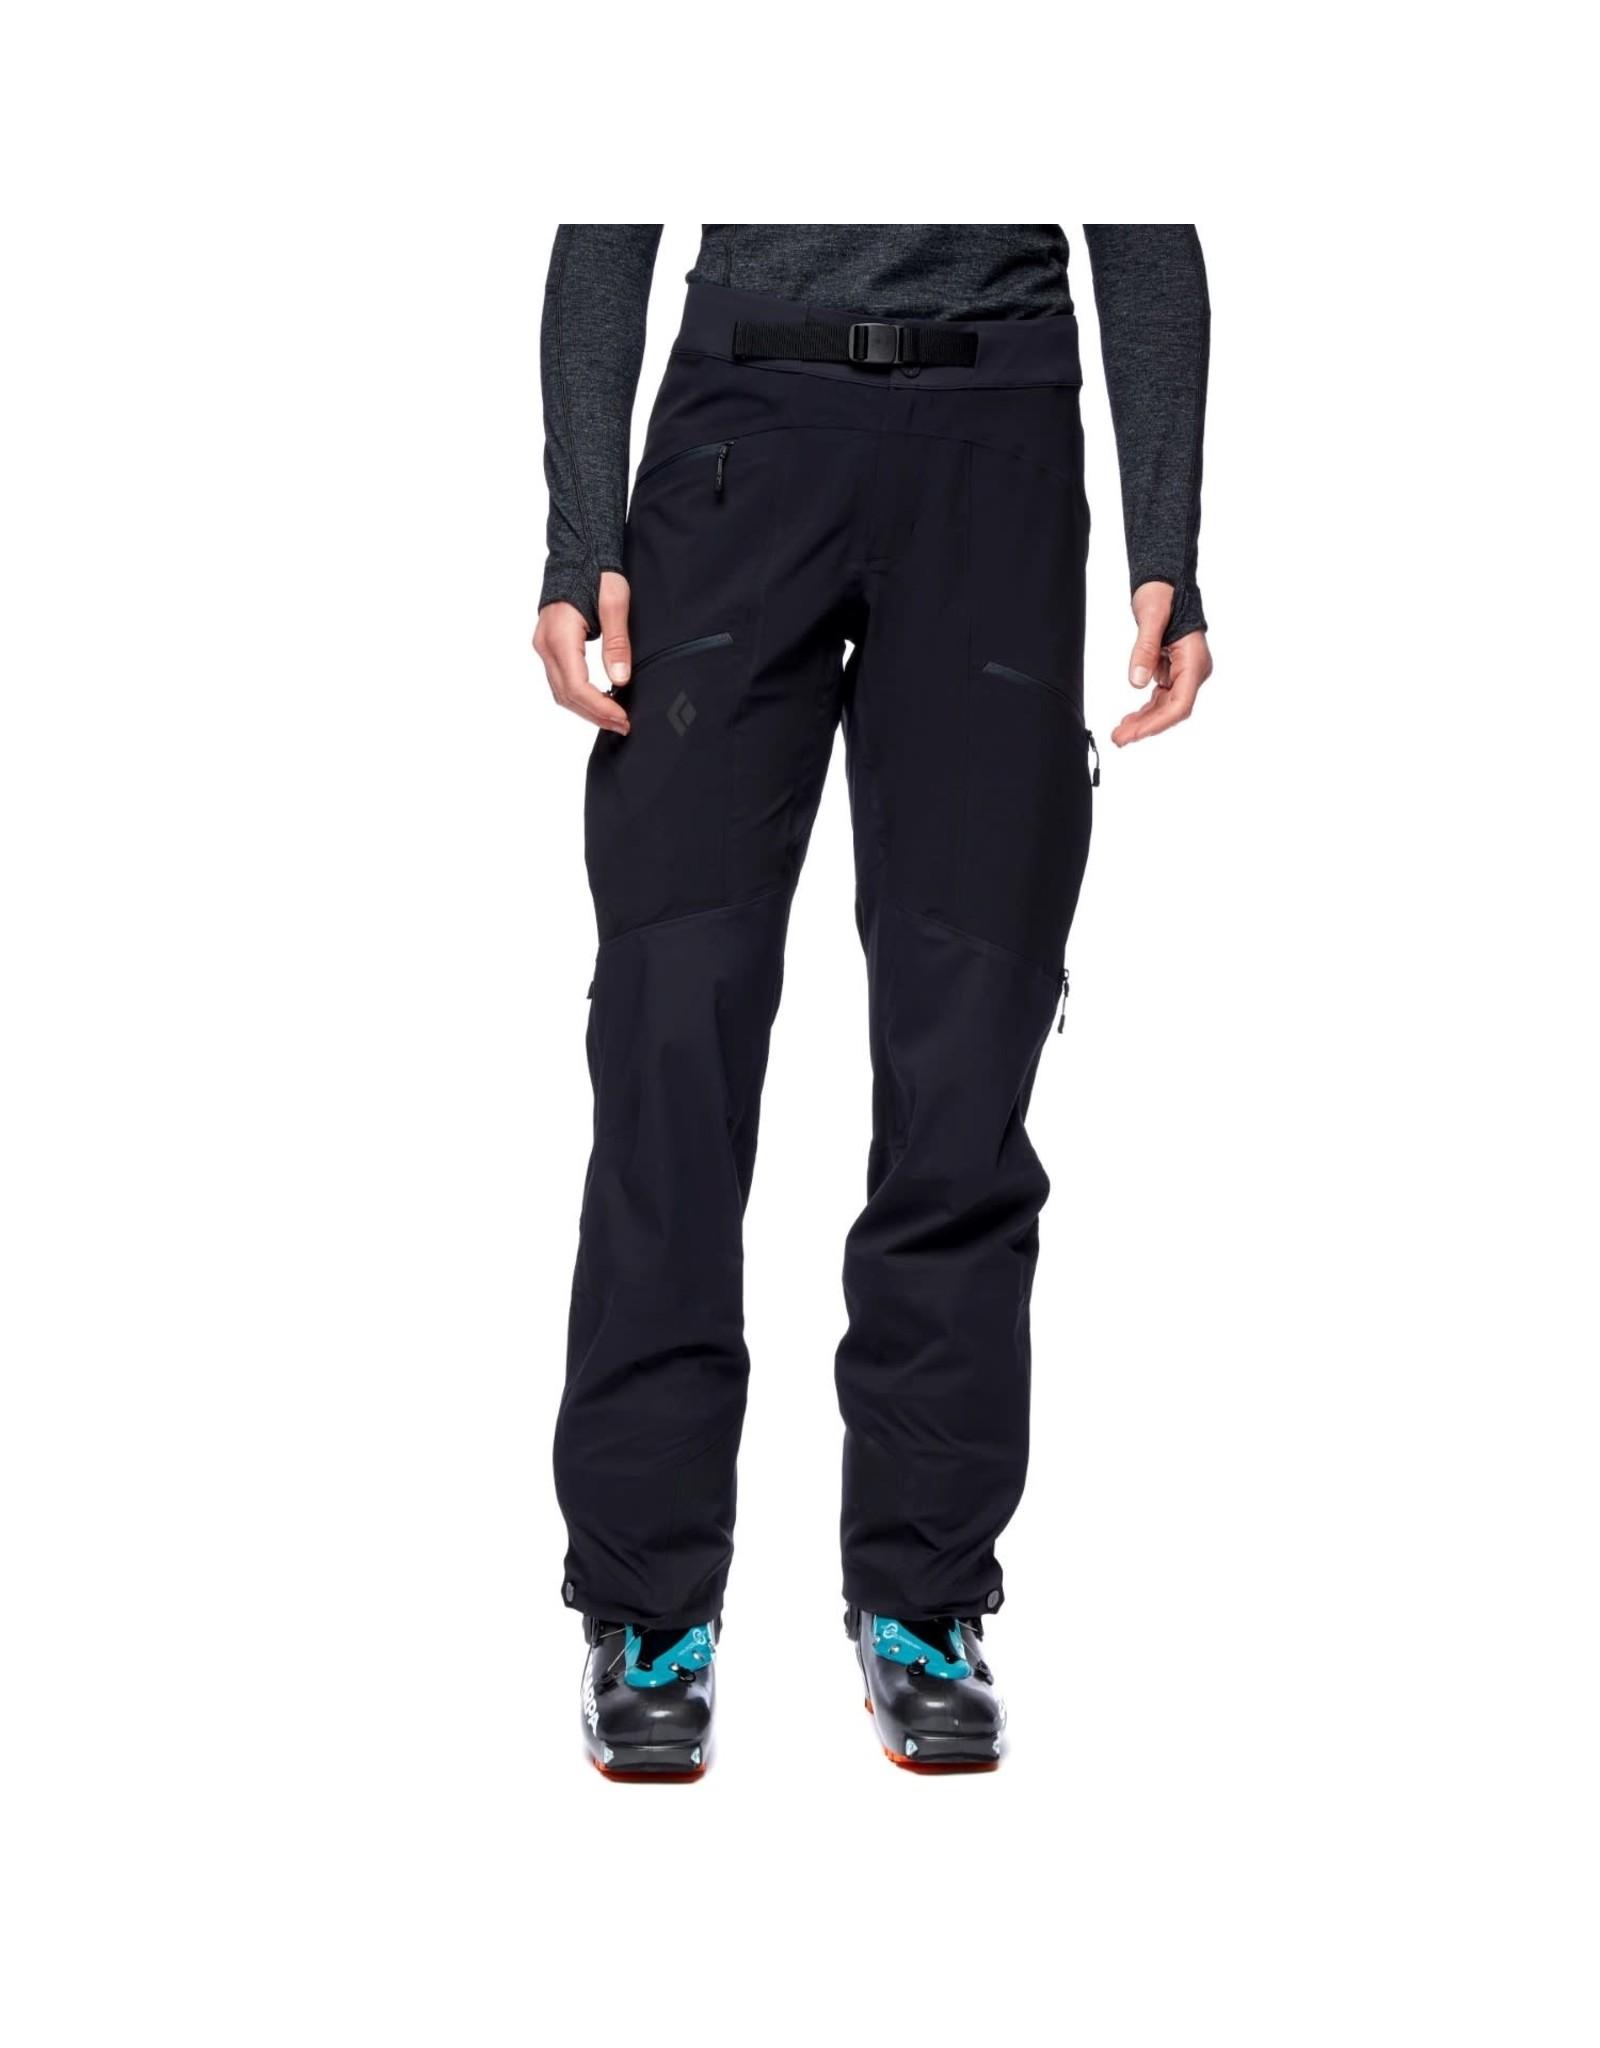 Black Diamond Black Diamond Dawn Patrol Hybrid Pants - Women